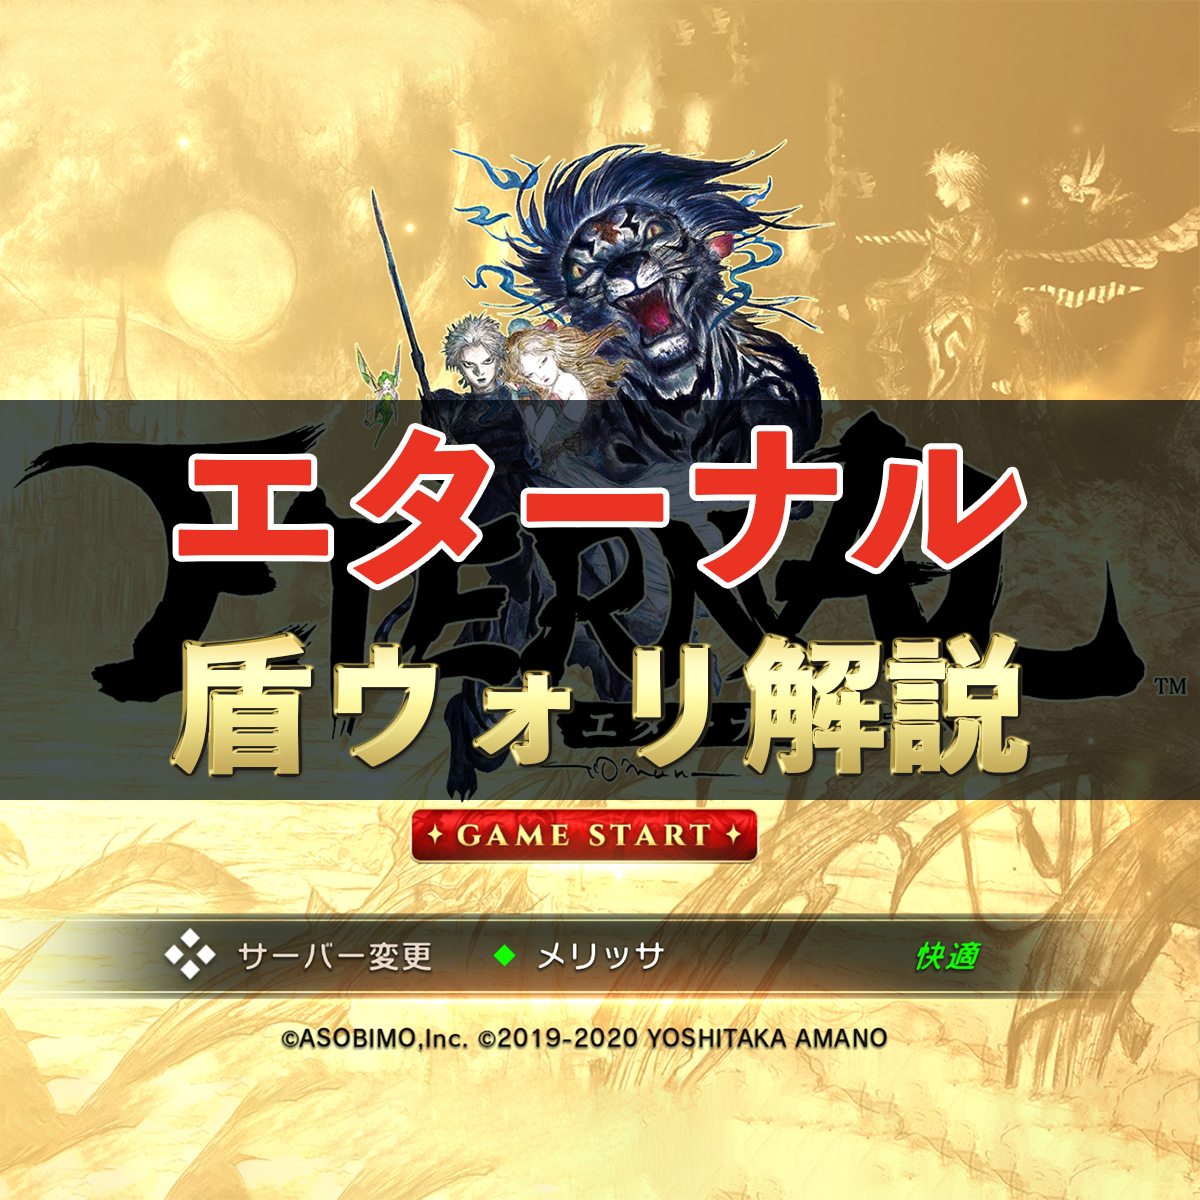 【エターナル】盾ウォーリア解説 おすすめスキル、戦術は?